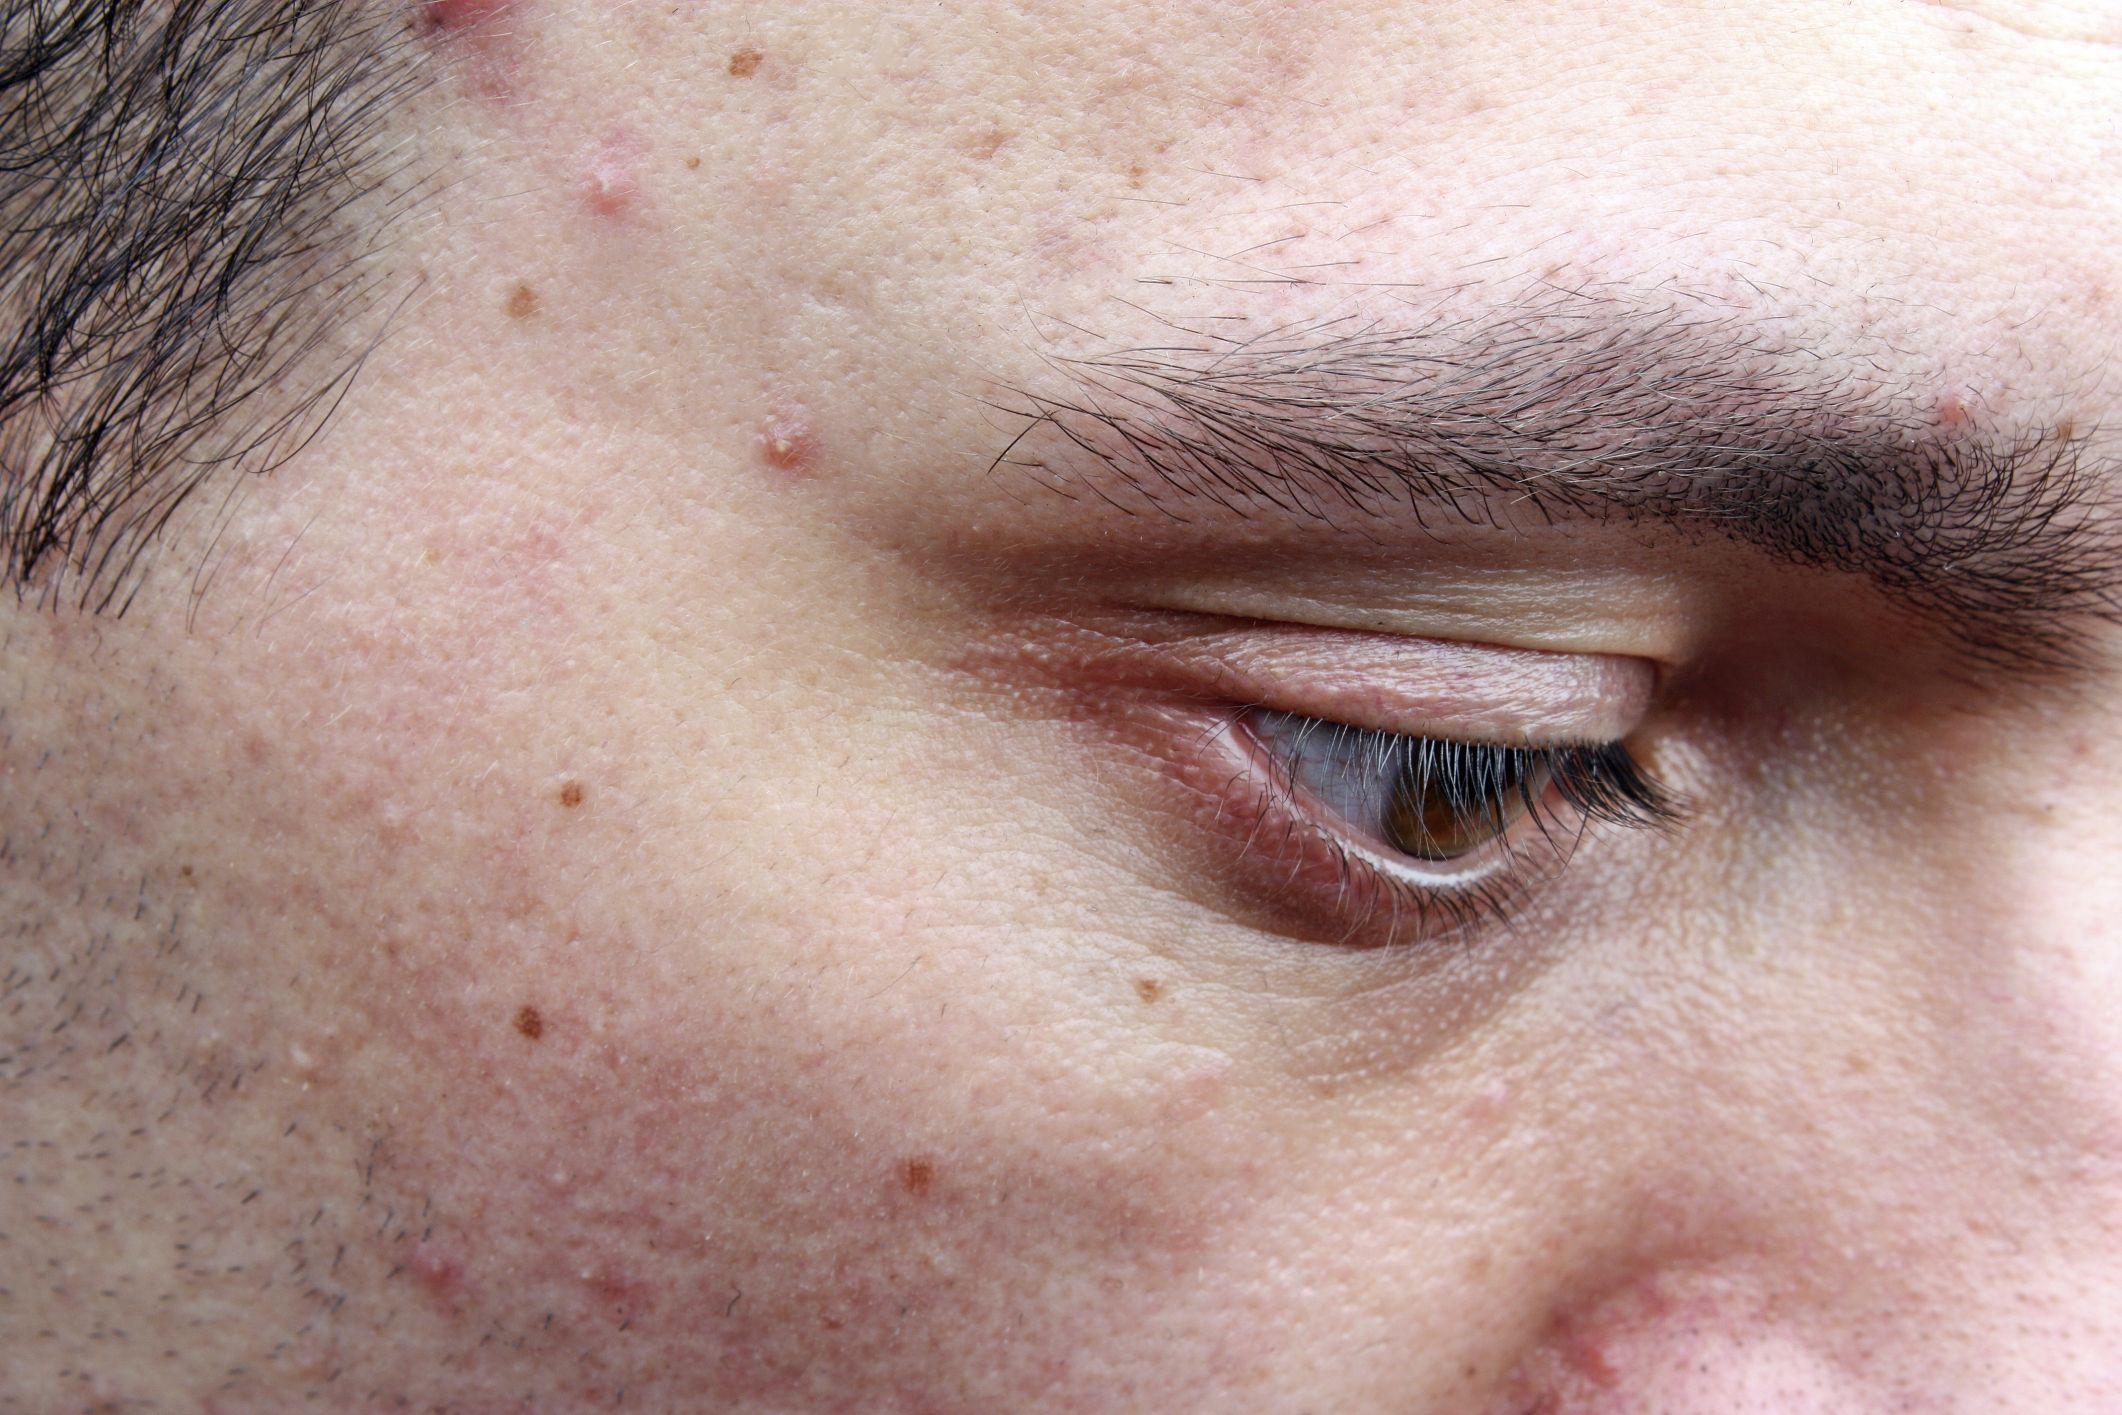 Facial skin blisters foto 712